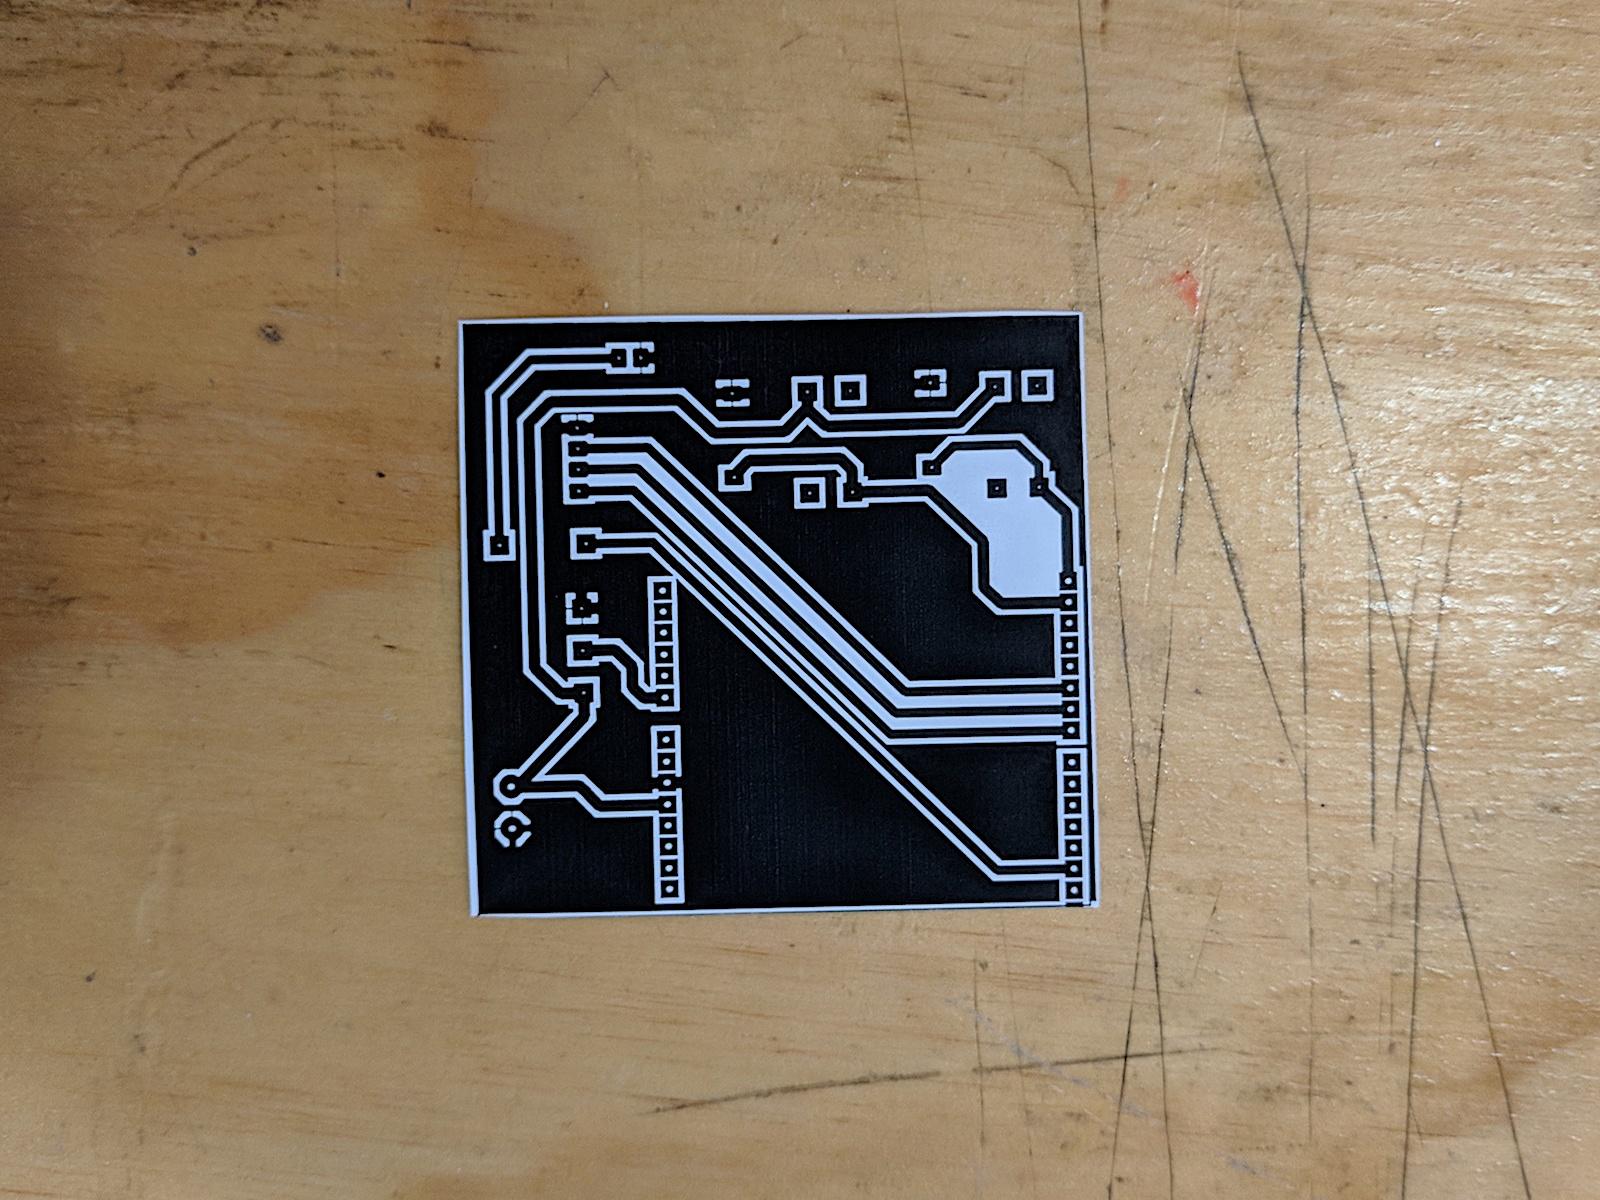 W8_circuit 1.jpg